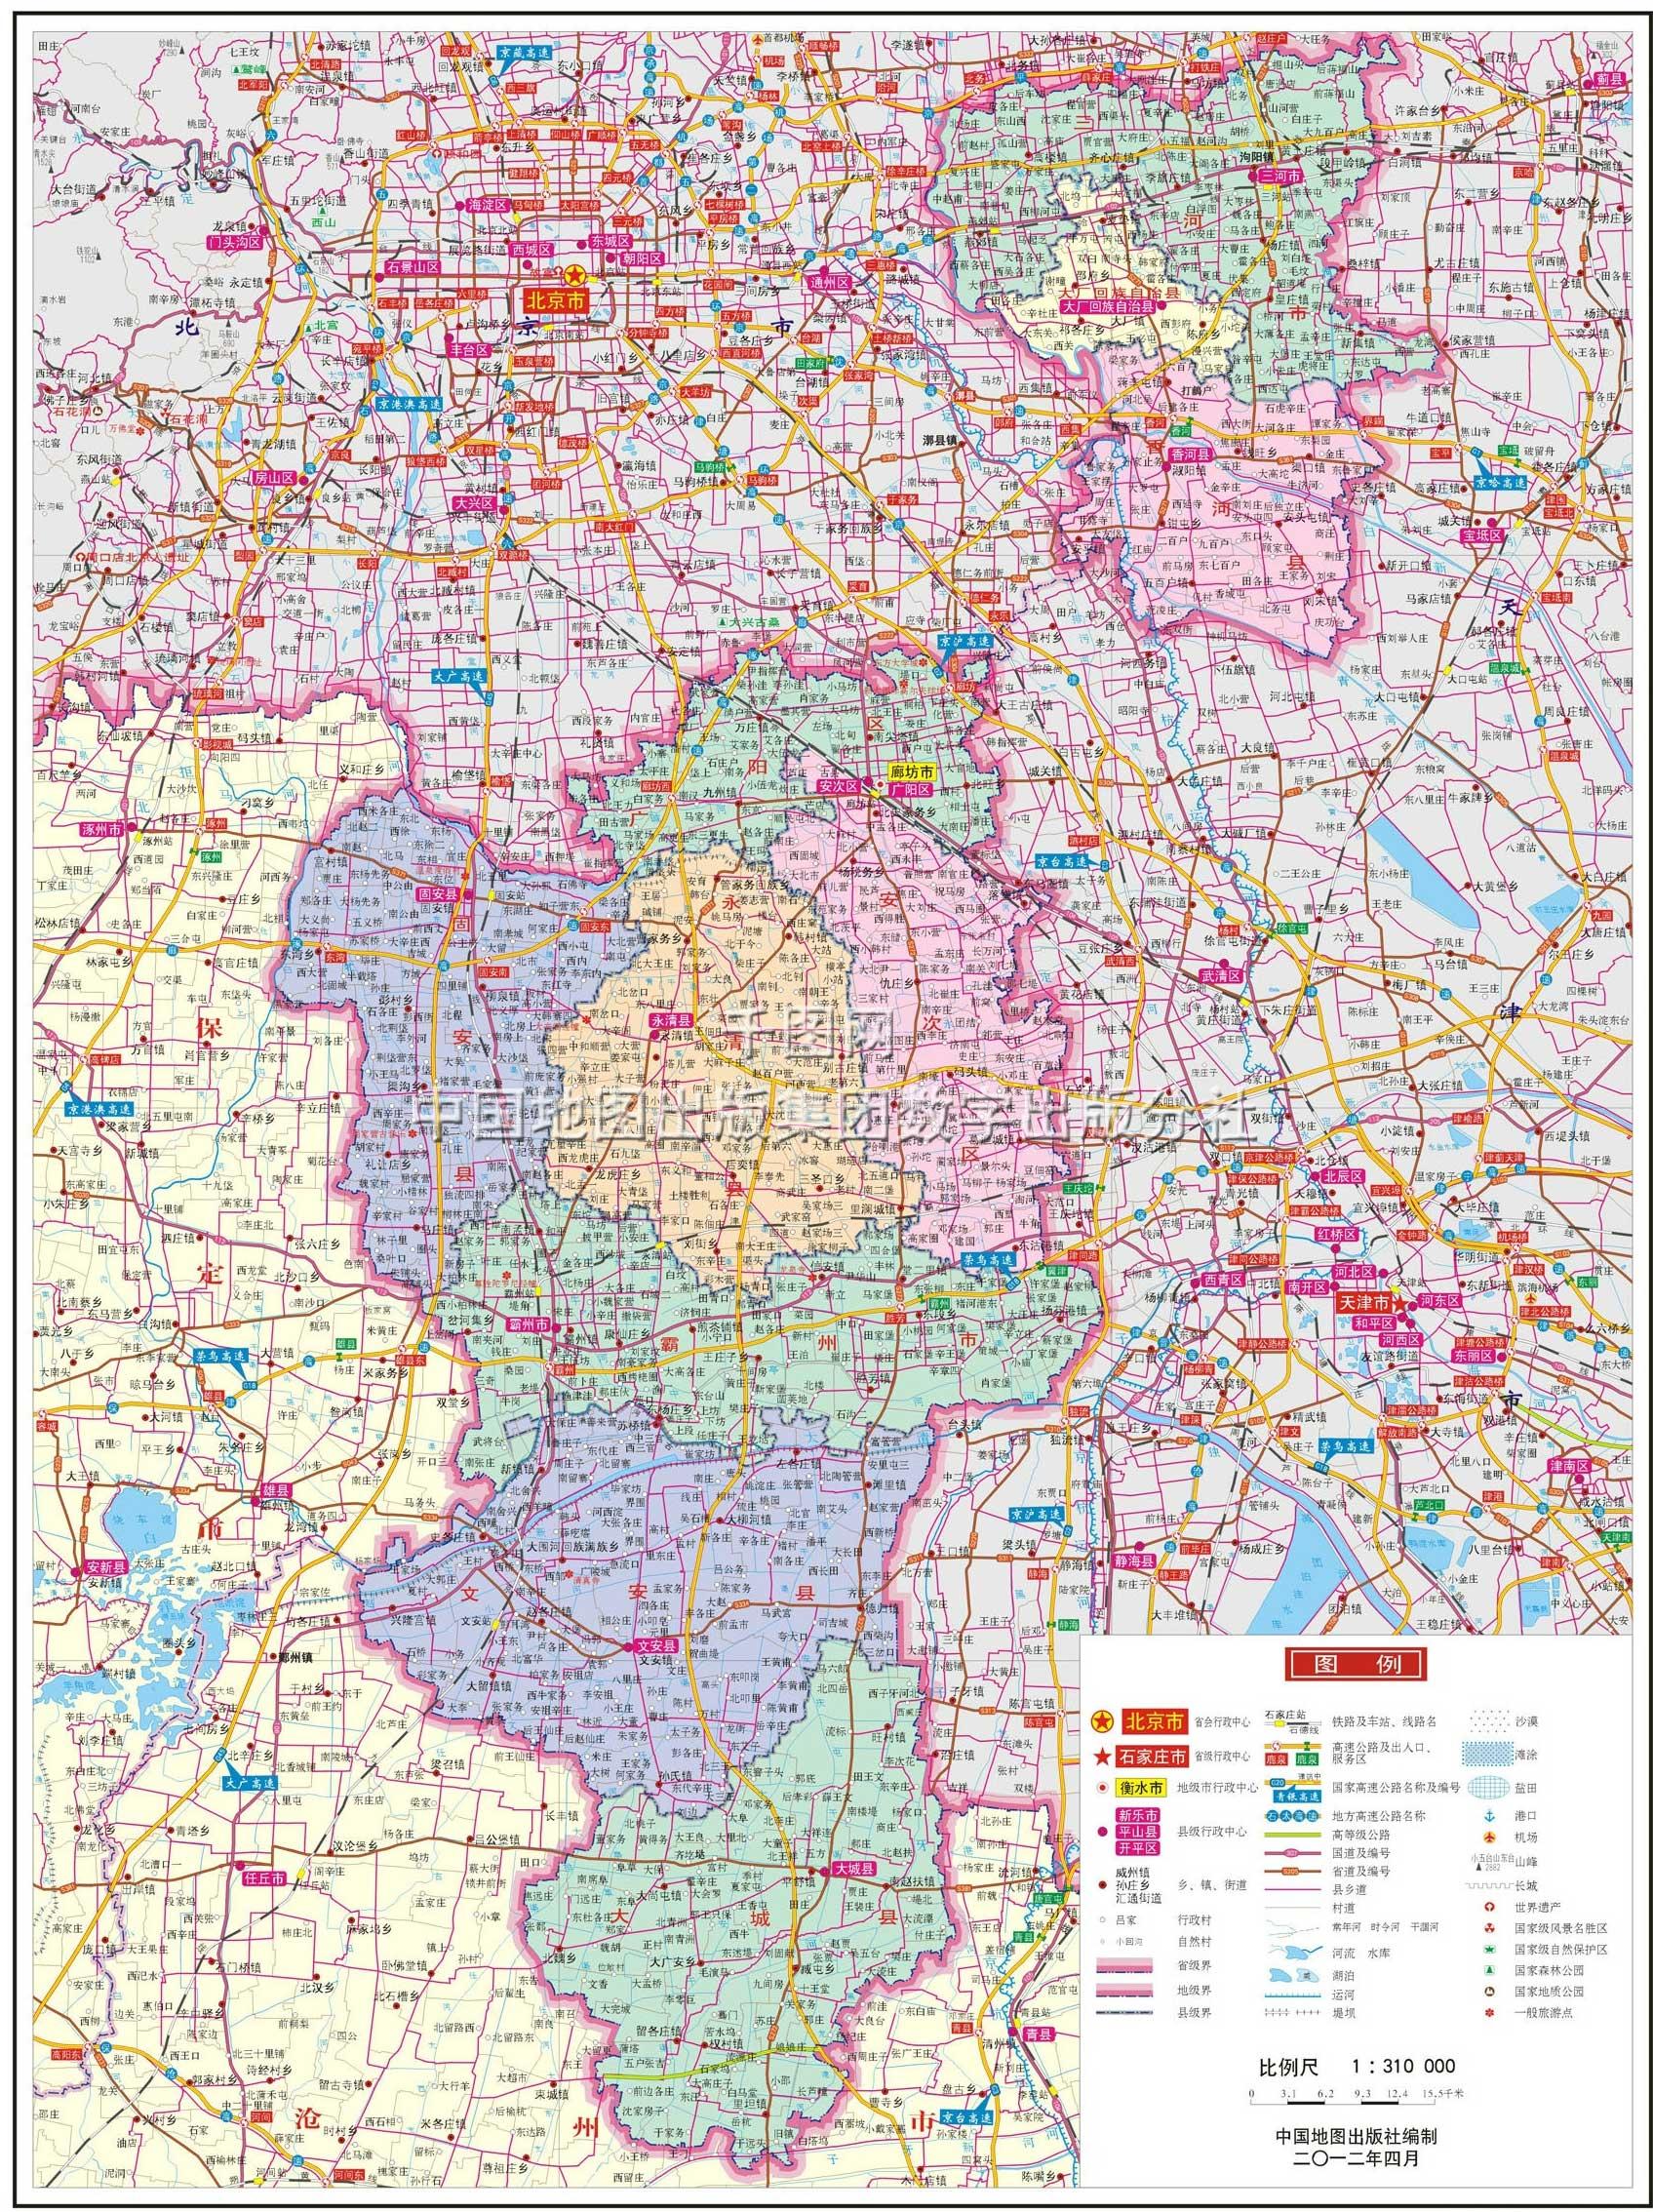 廊坊市地图高清版